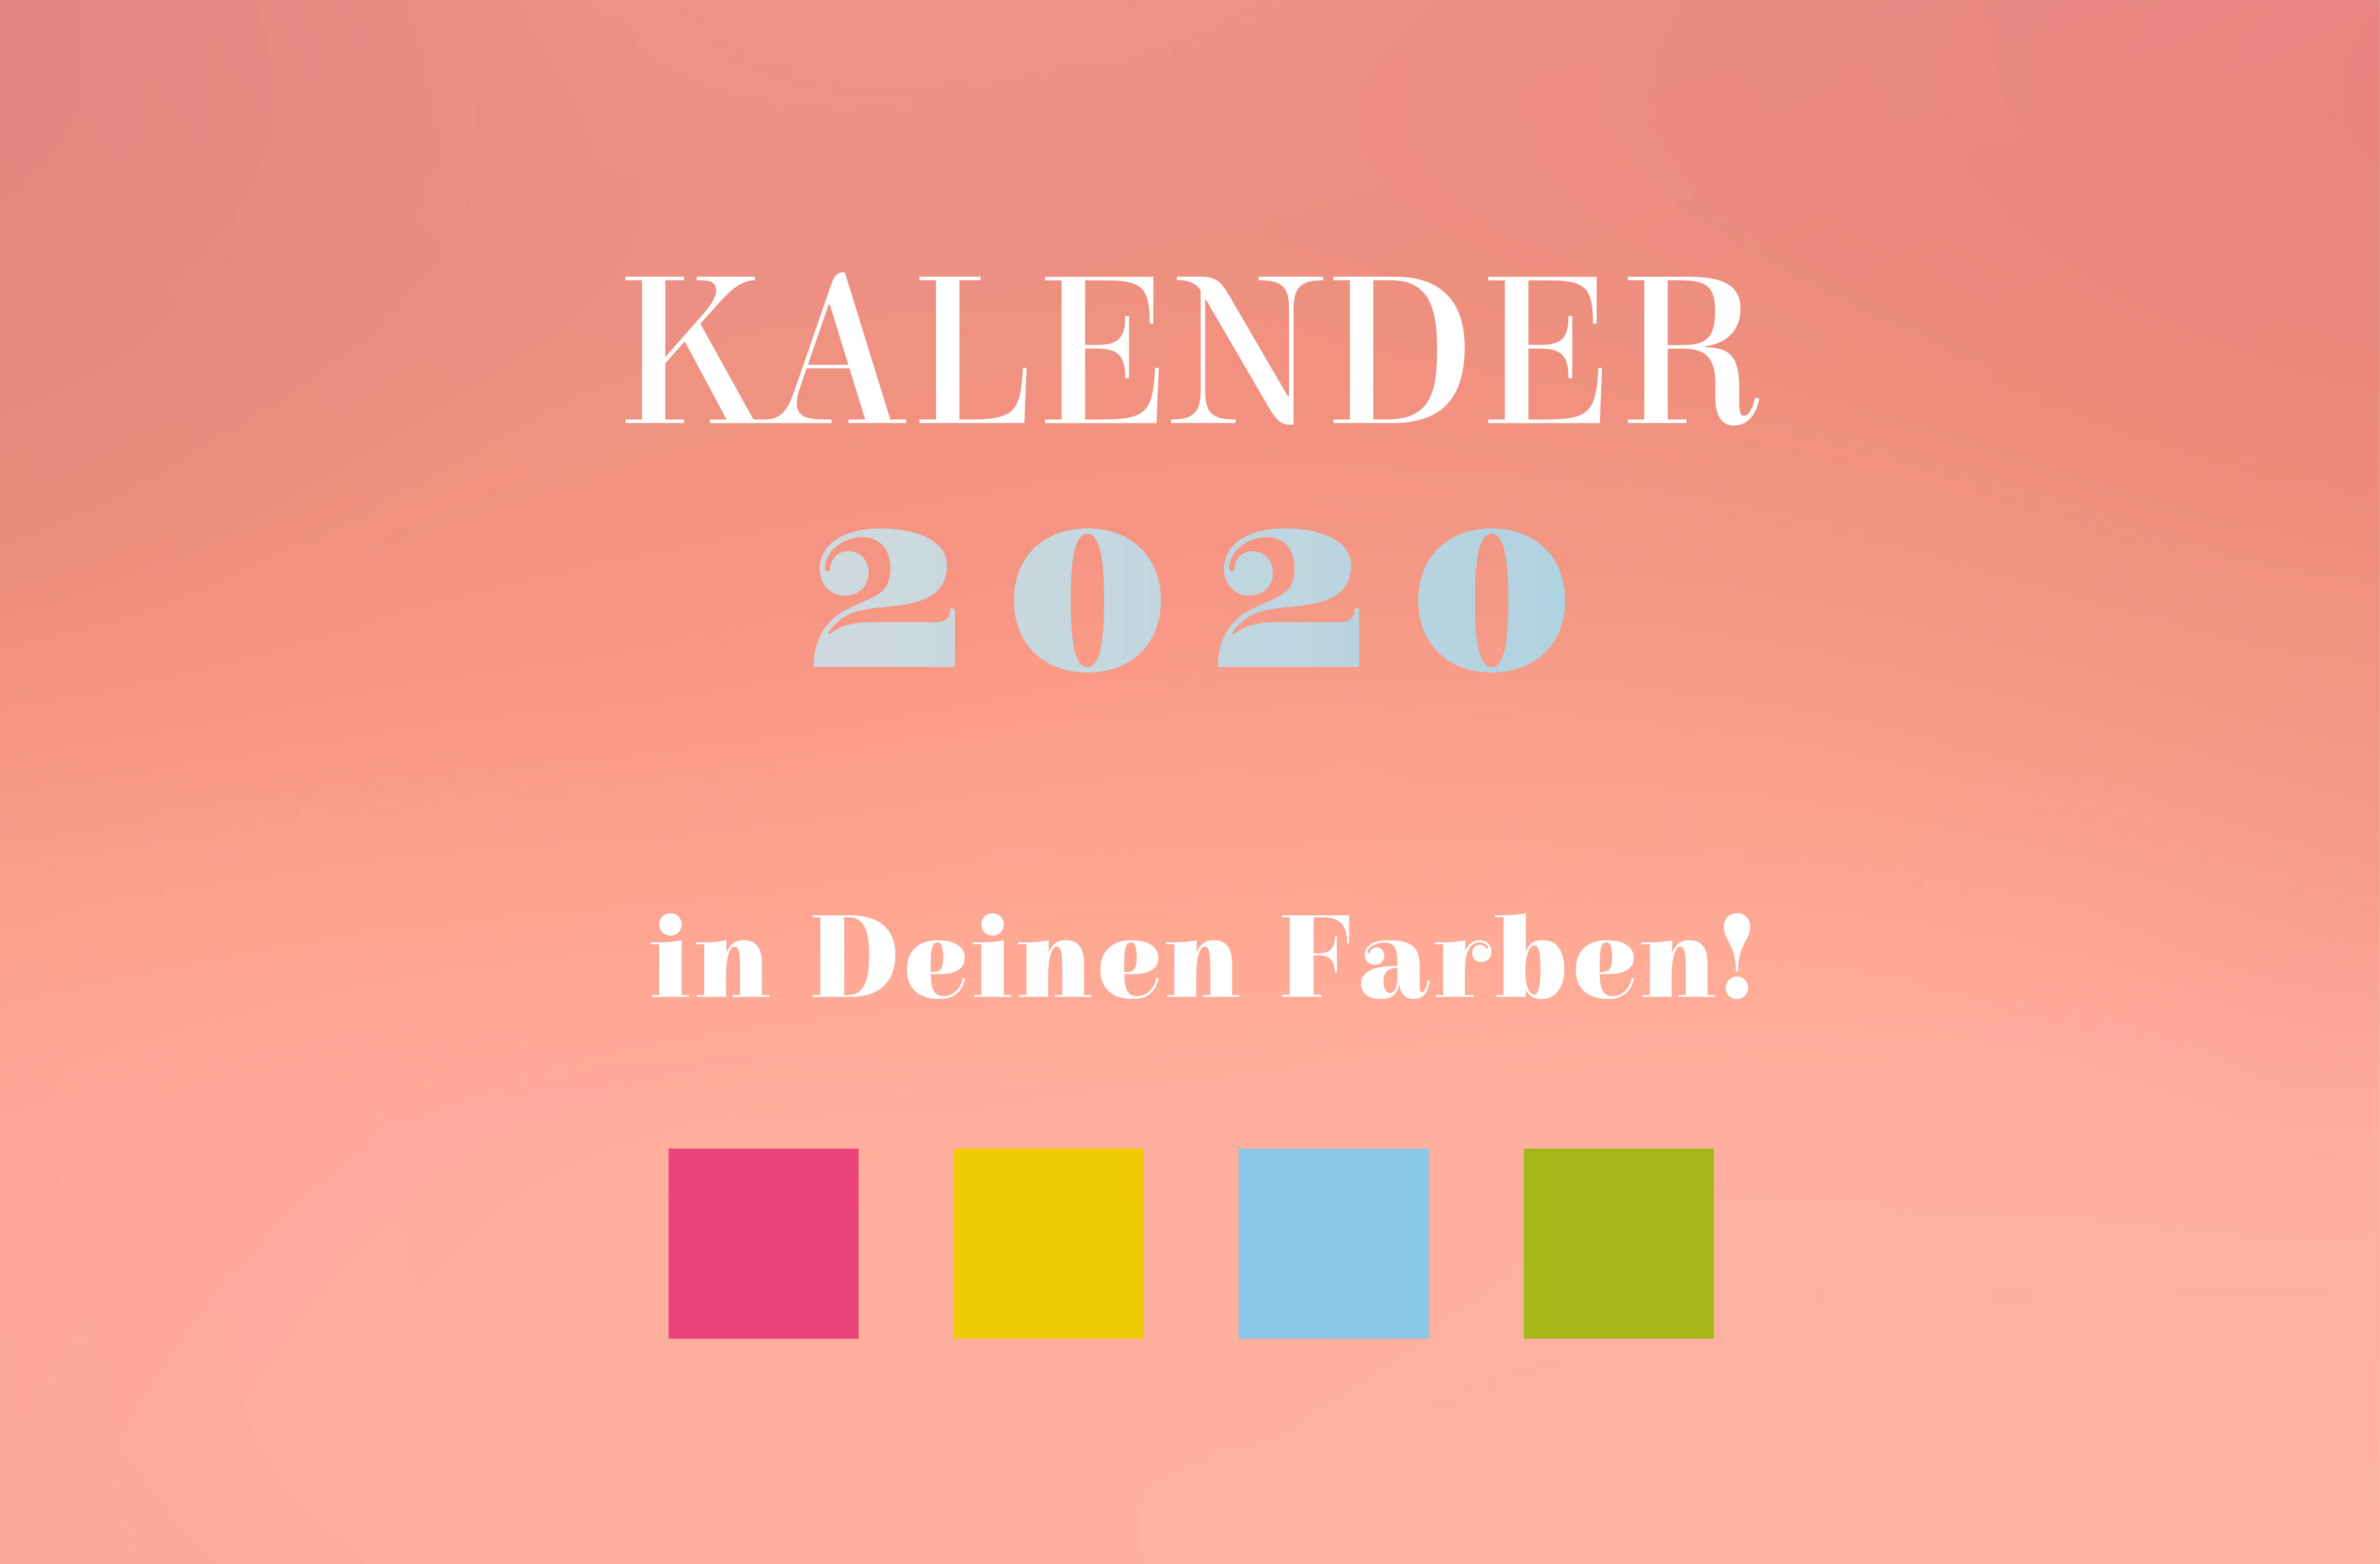 Kalender2020 in deinen Farben